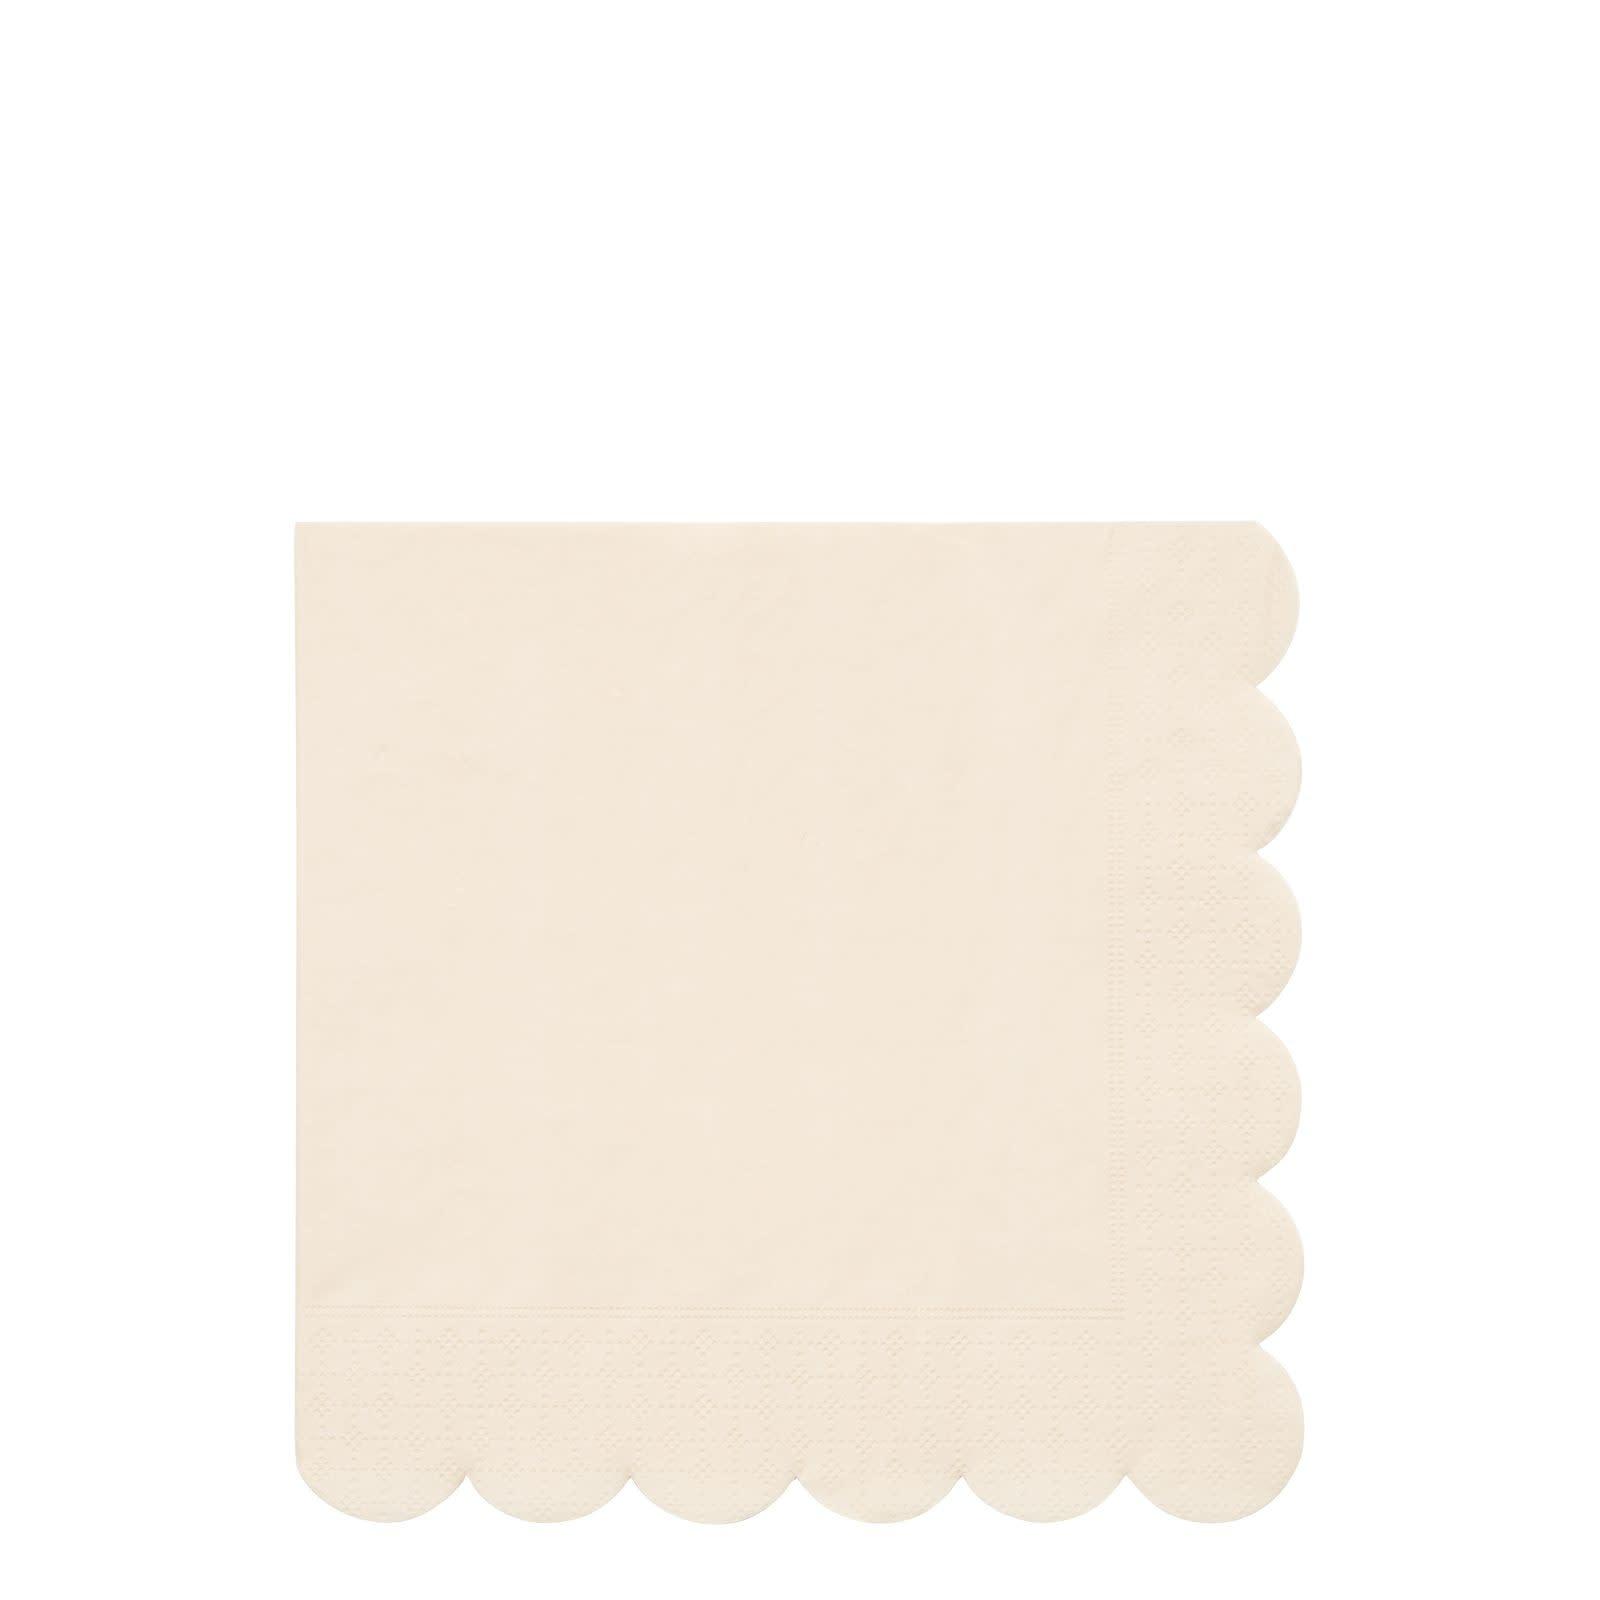 MERIMERI Cream simply eco napkins L